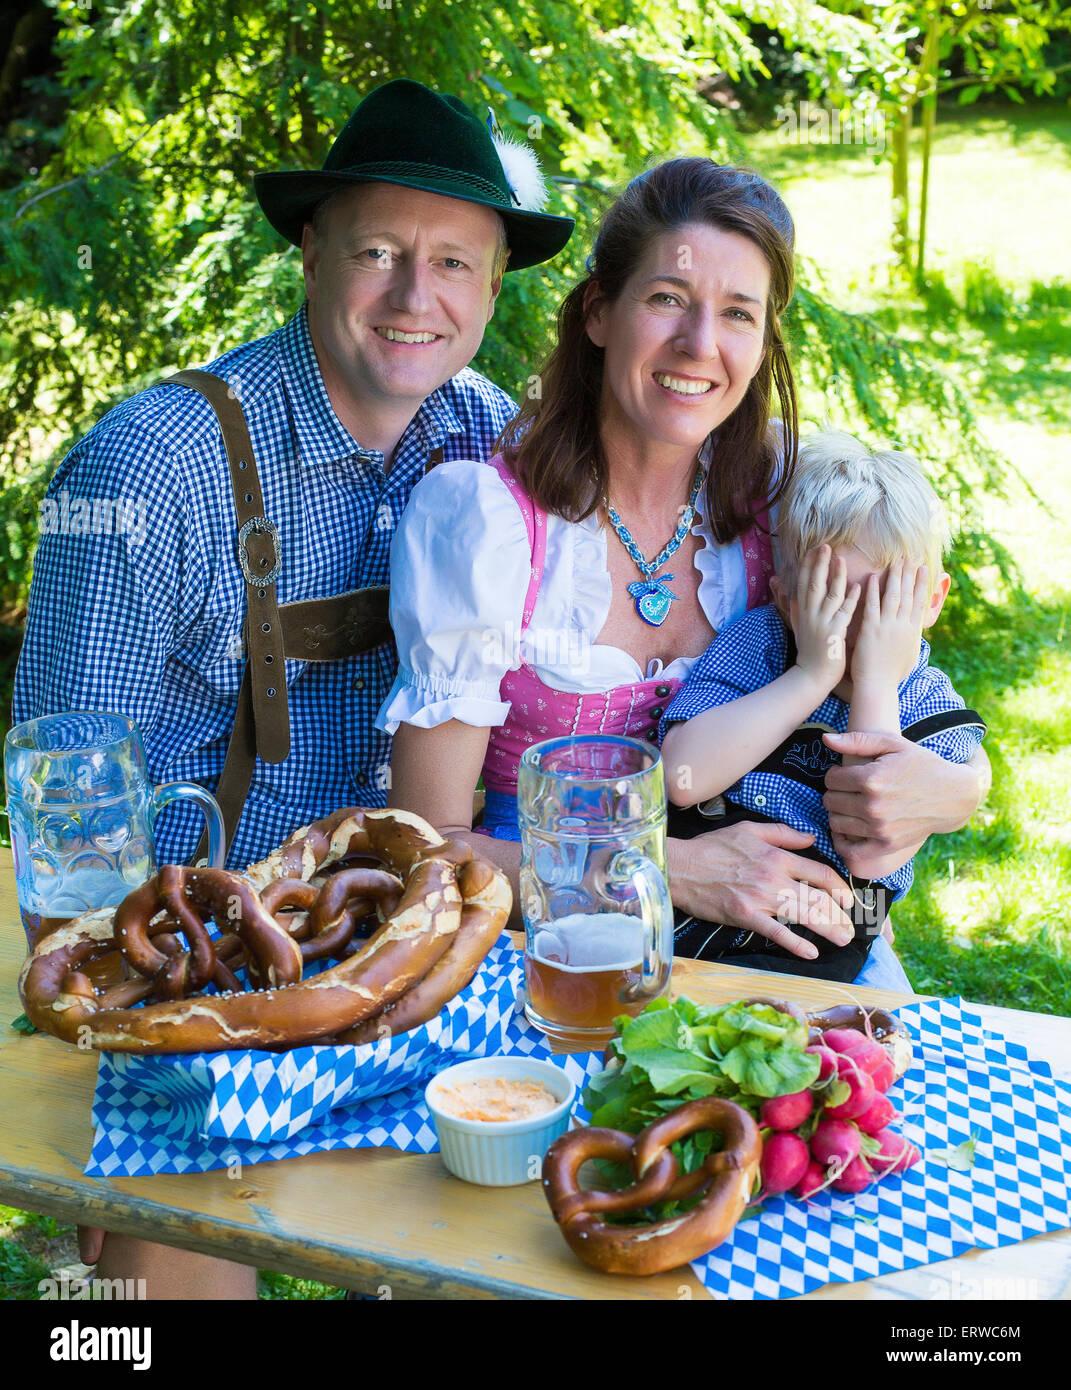 Famille bavaroise assis dehors sur un banc et smiling Banque D'Images